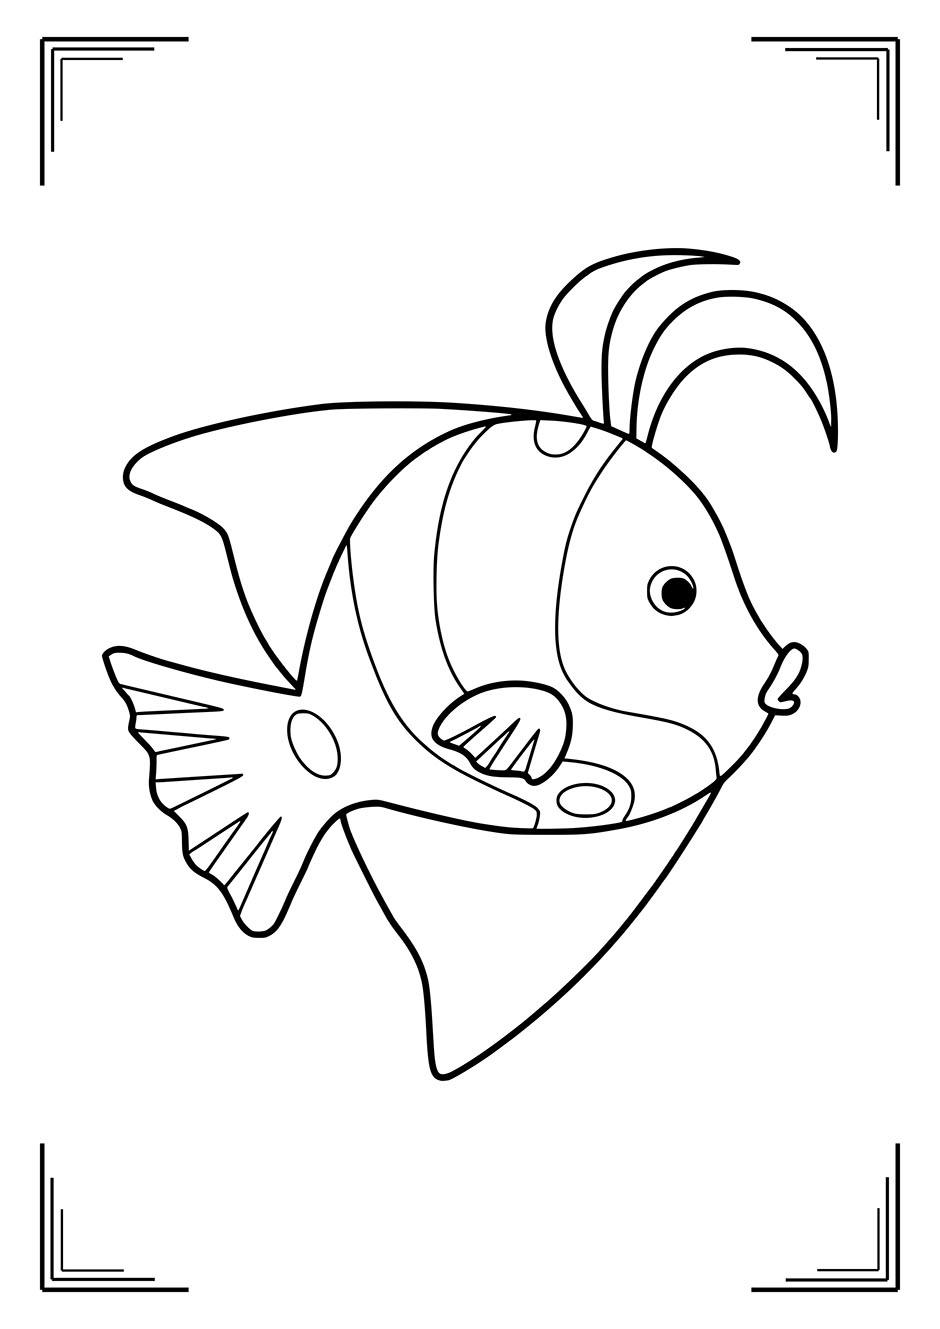 Раскраска: рыбка с большими плавниками — raskraski-a4.ru